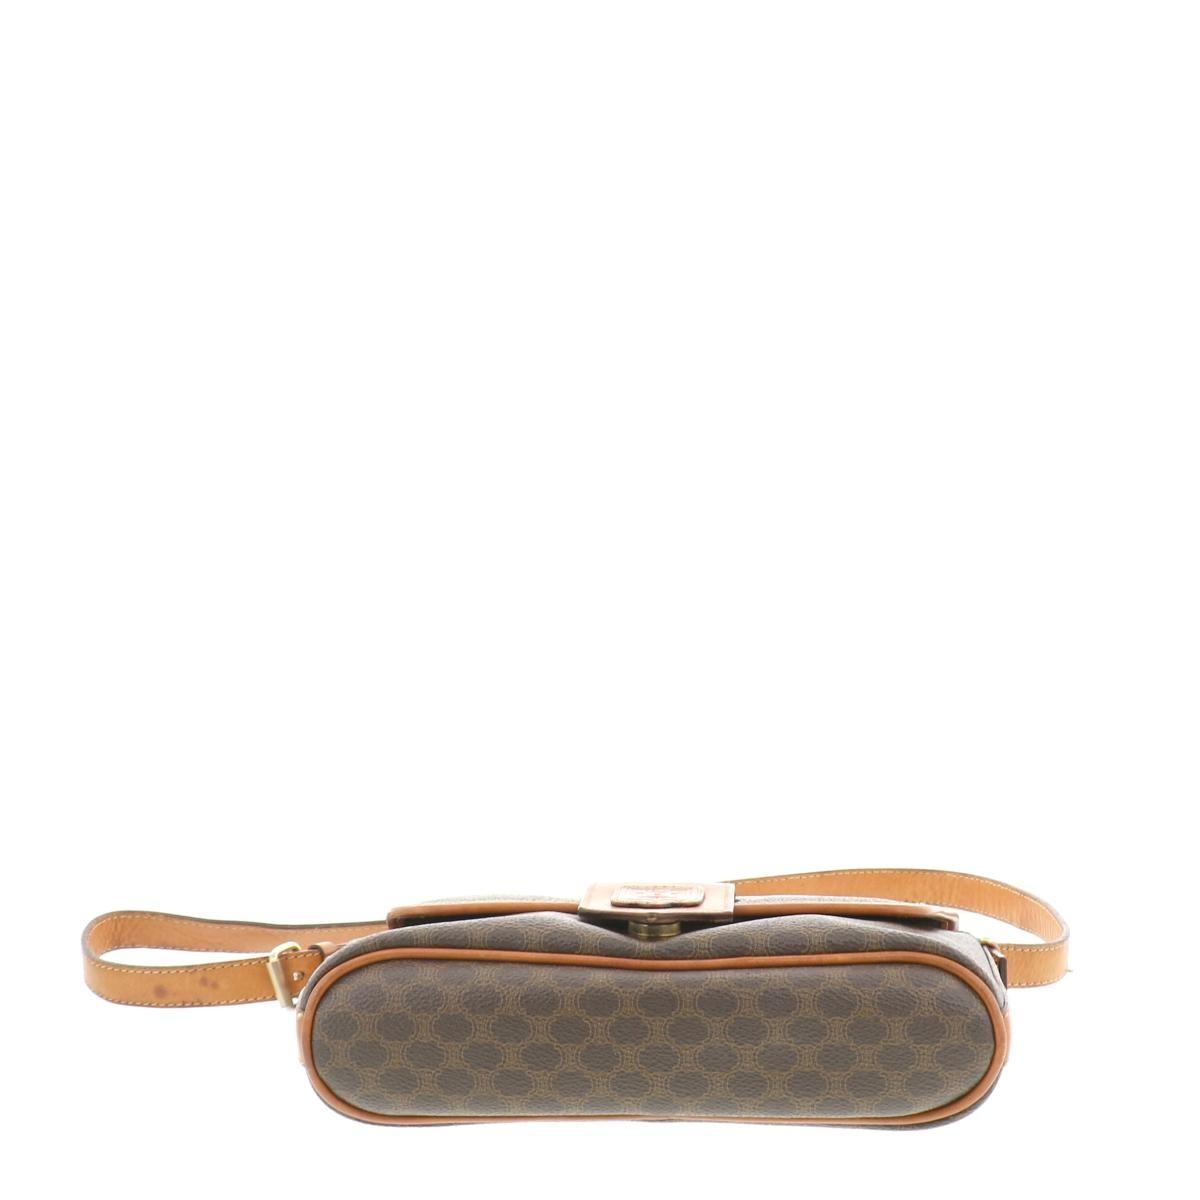 【中古】セリーヌ ヴィンテージ マカダム ショルダーバッグ ブラウン CELINE Vintage Macadam Shoulder Bag Brown